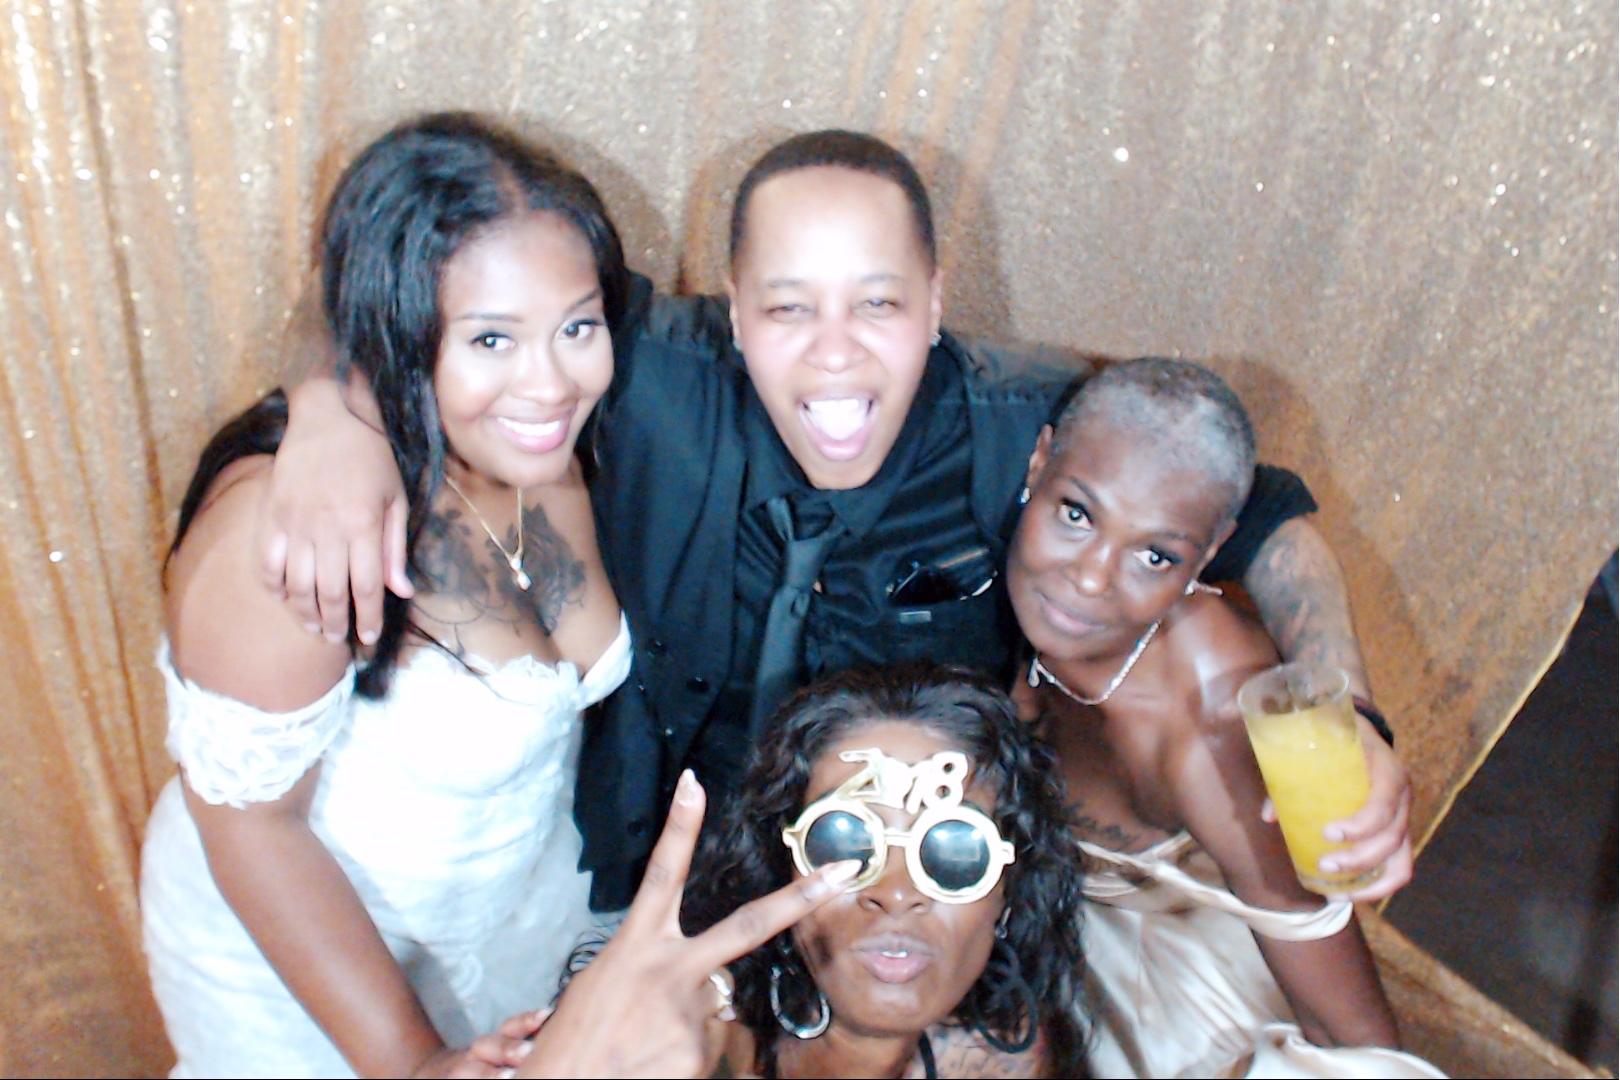 WeddingCancunPhotoBooth00132